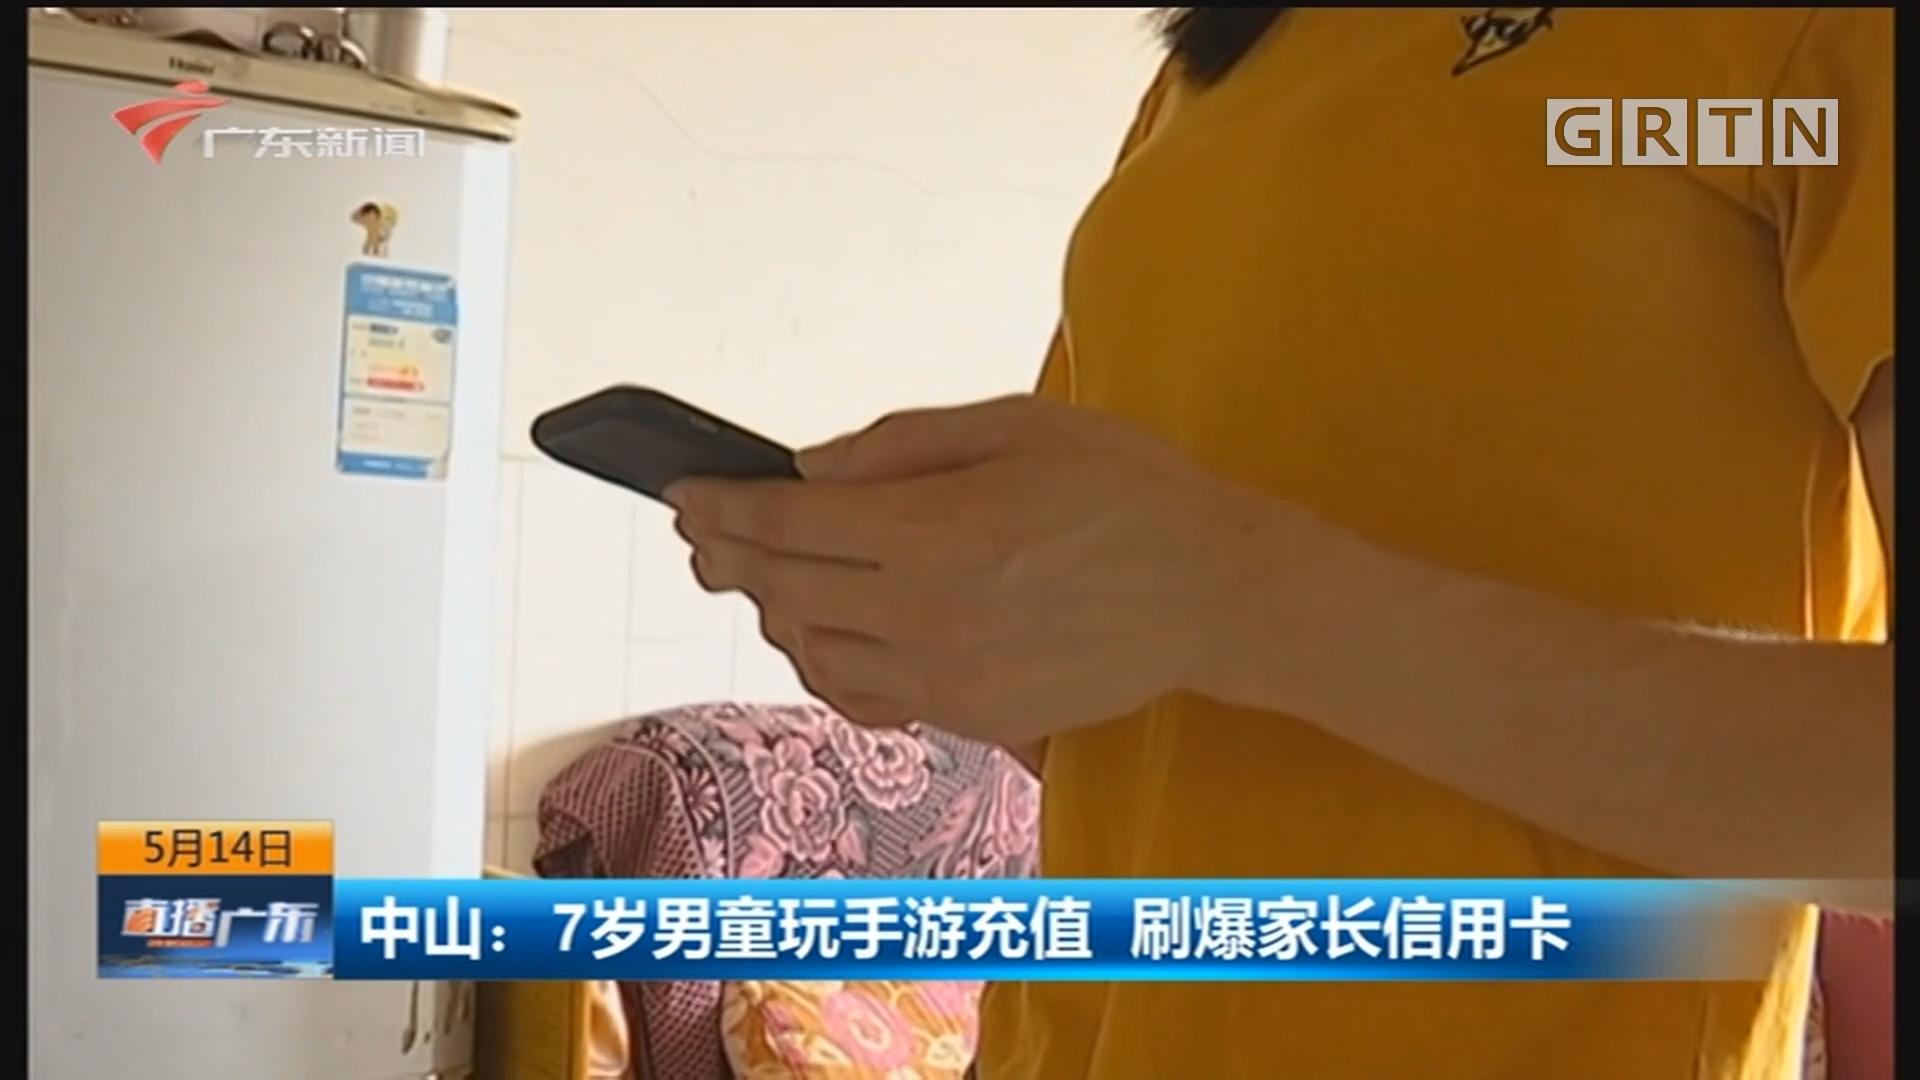 中山:7岁男童玩手游充值 刷爆家长信用卡